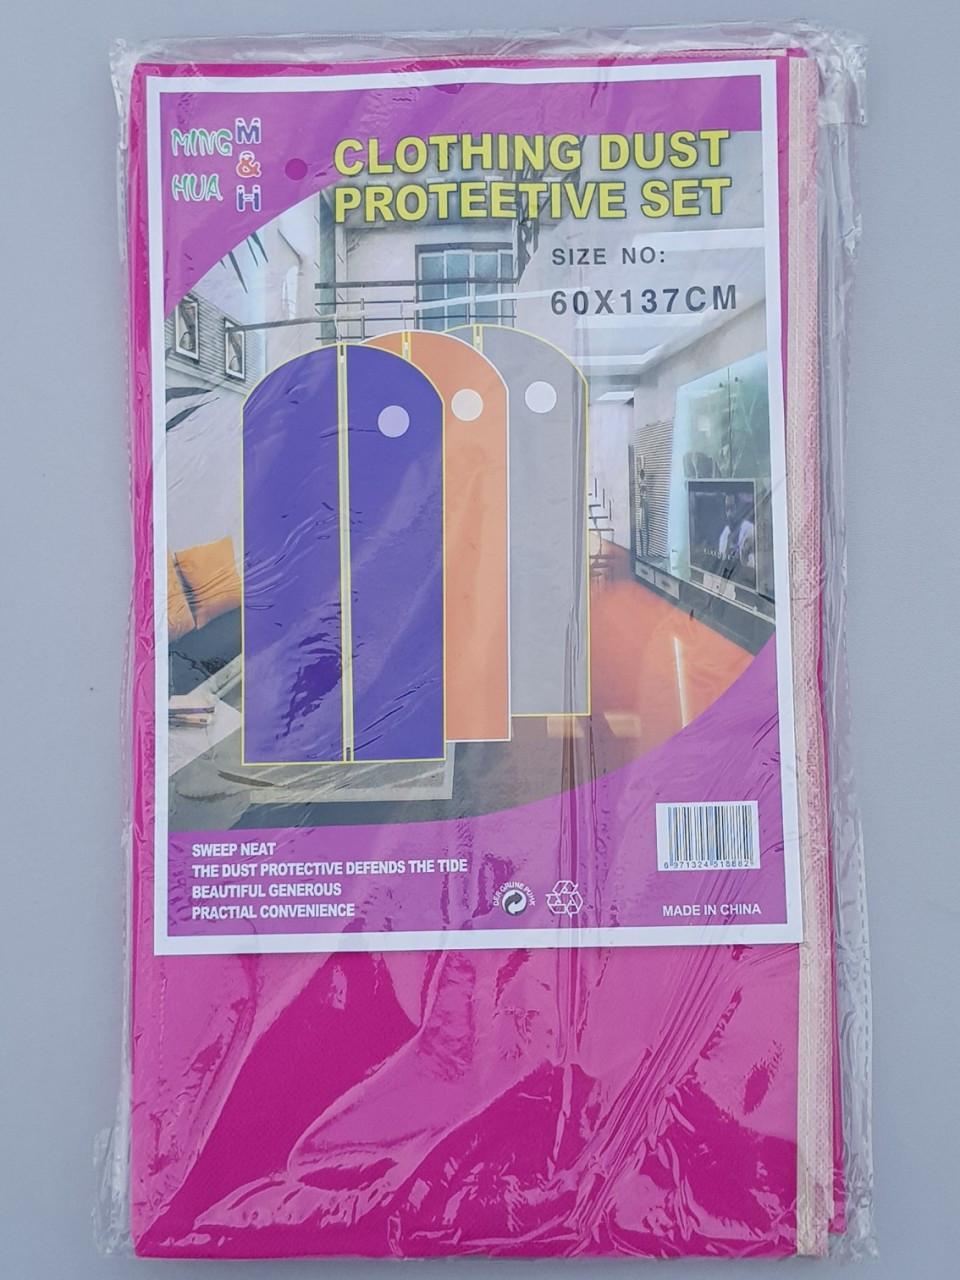 Чехол для хранения одежды флизелиновый на молнии розового цвета, размер 60*137 см